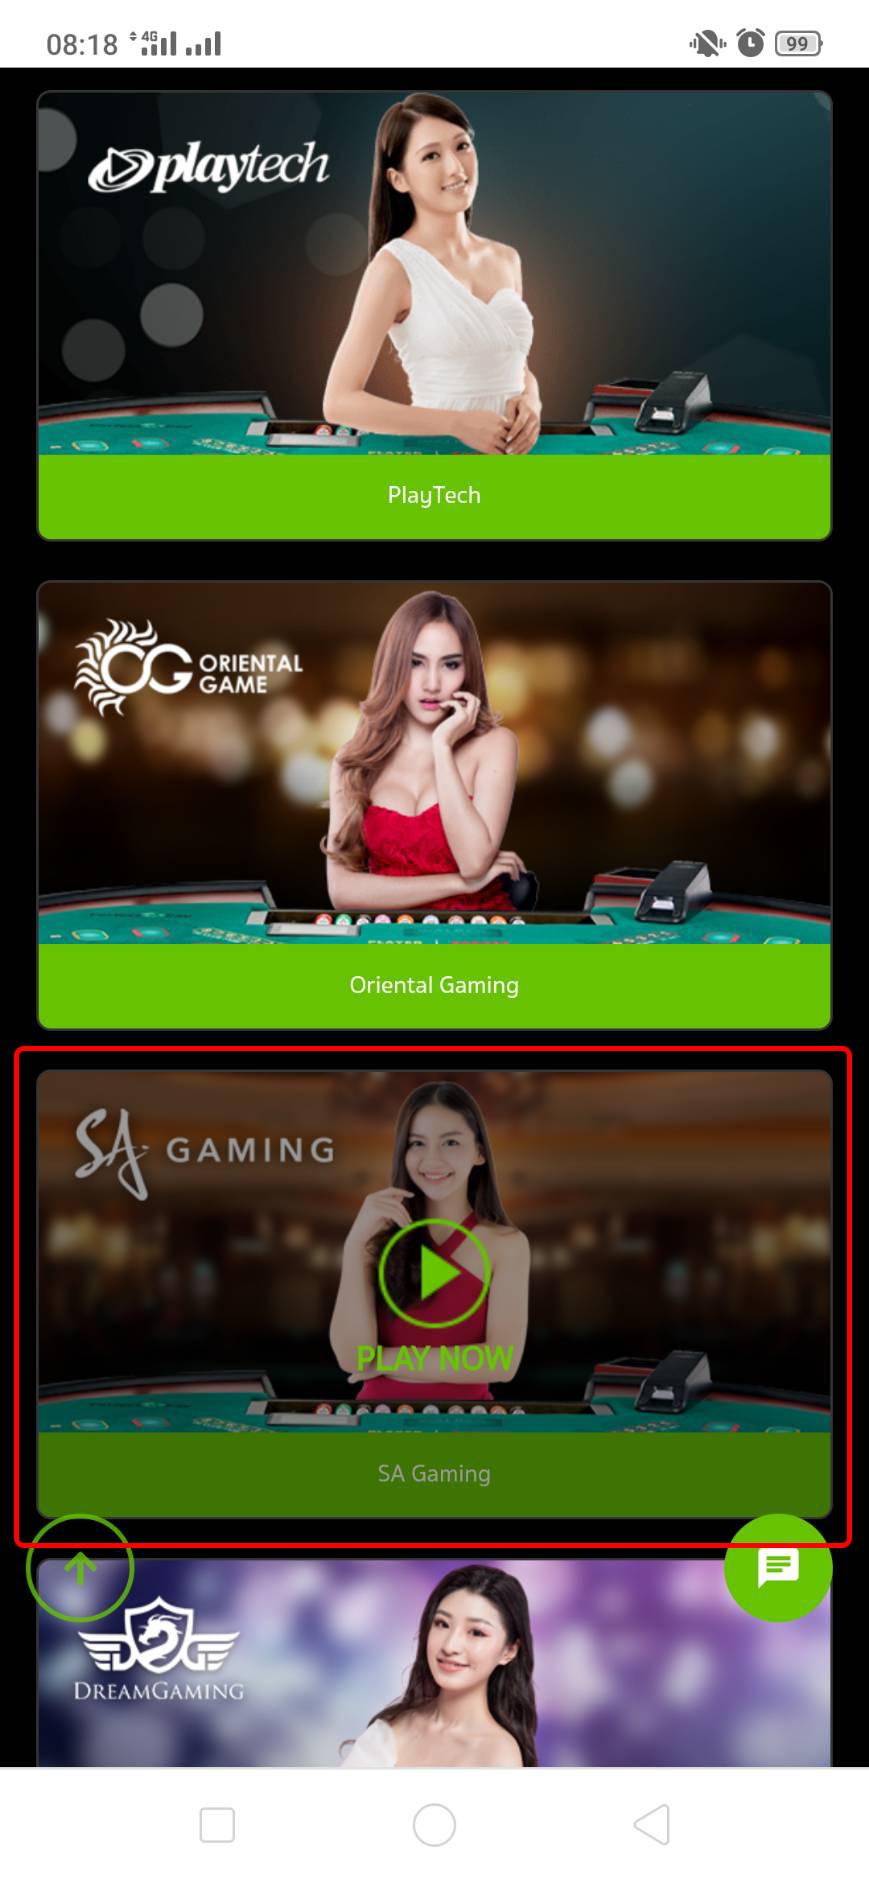 หน้า SA Gaming